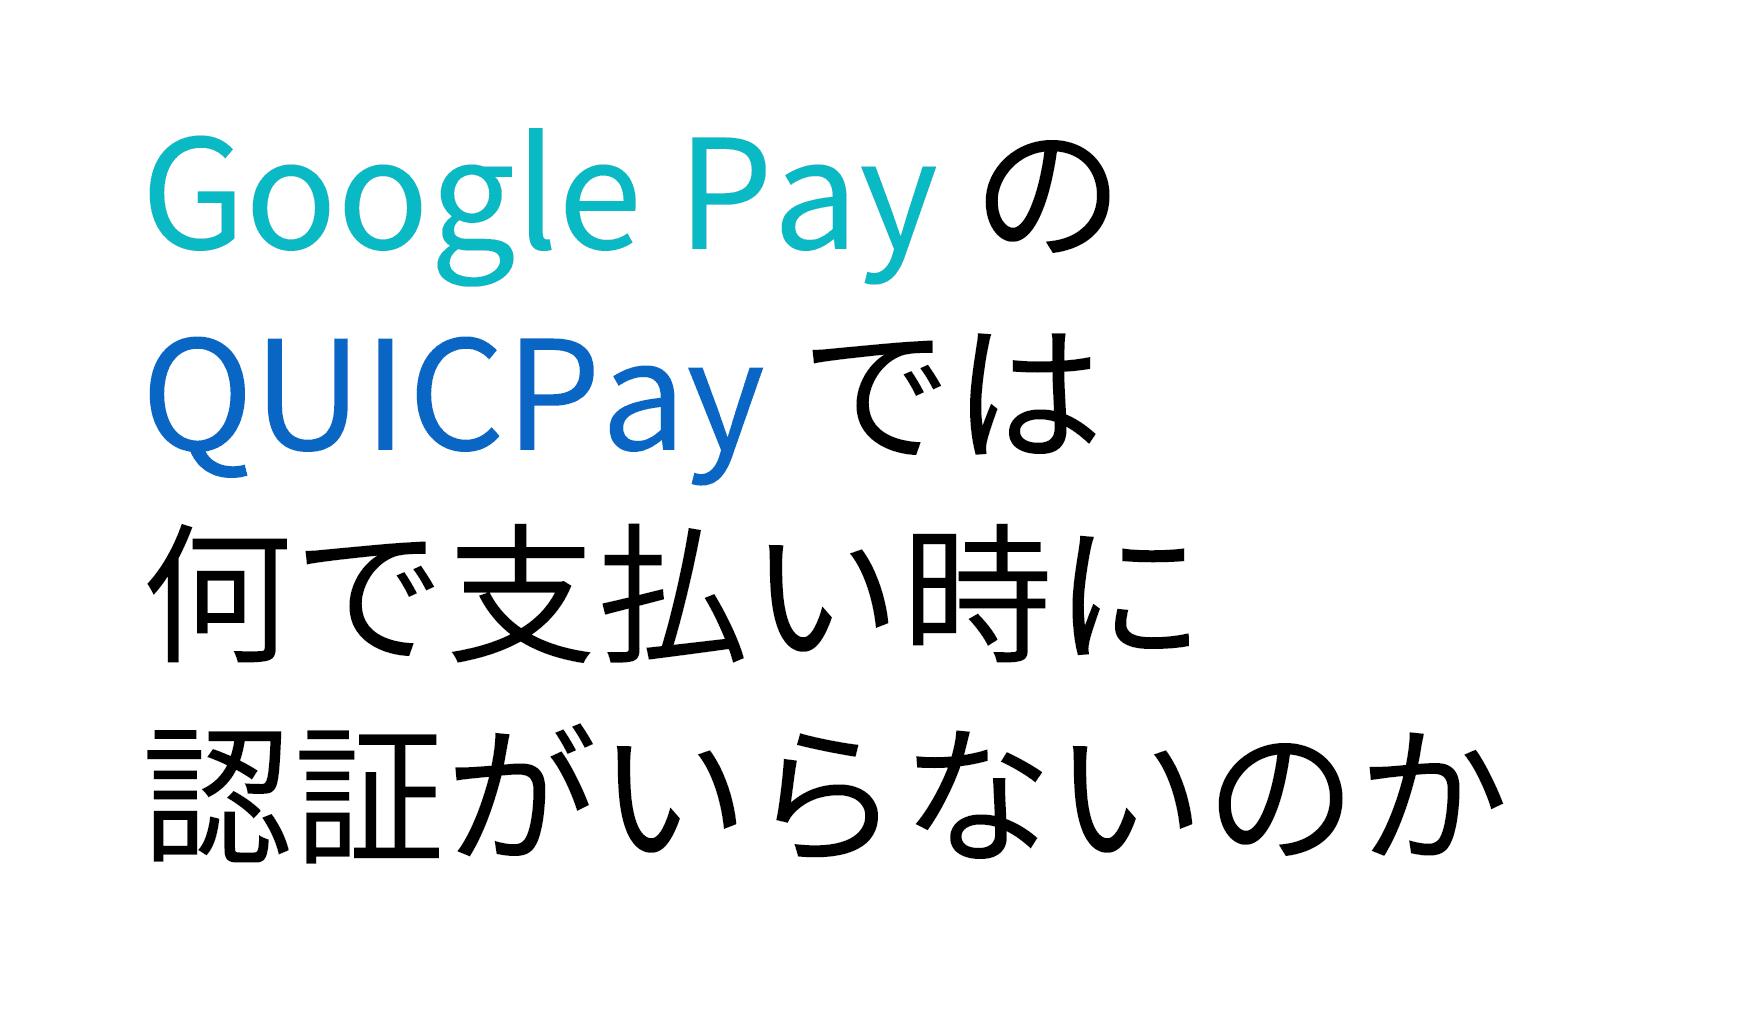 Google Pay のQUICPayでは何で支払い時に認証がいらないのか